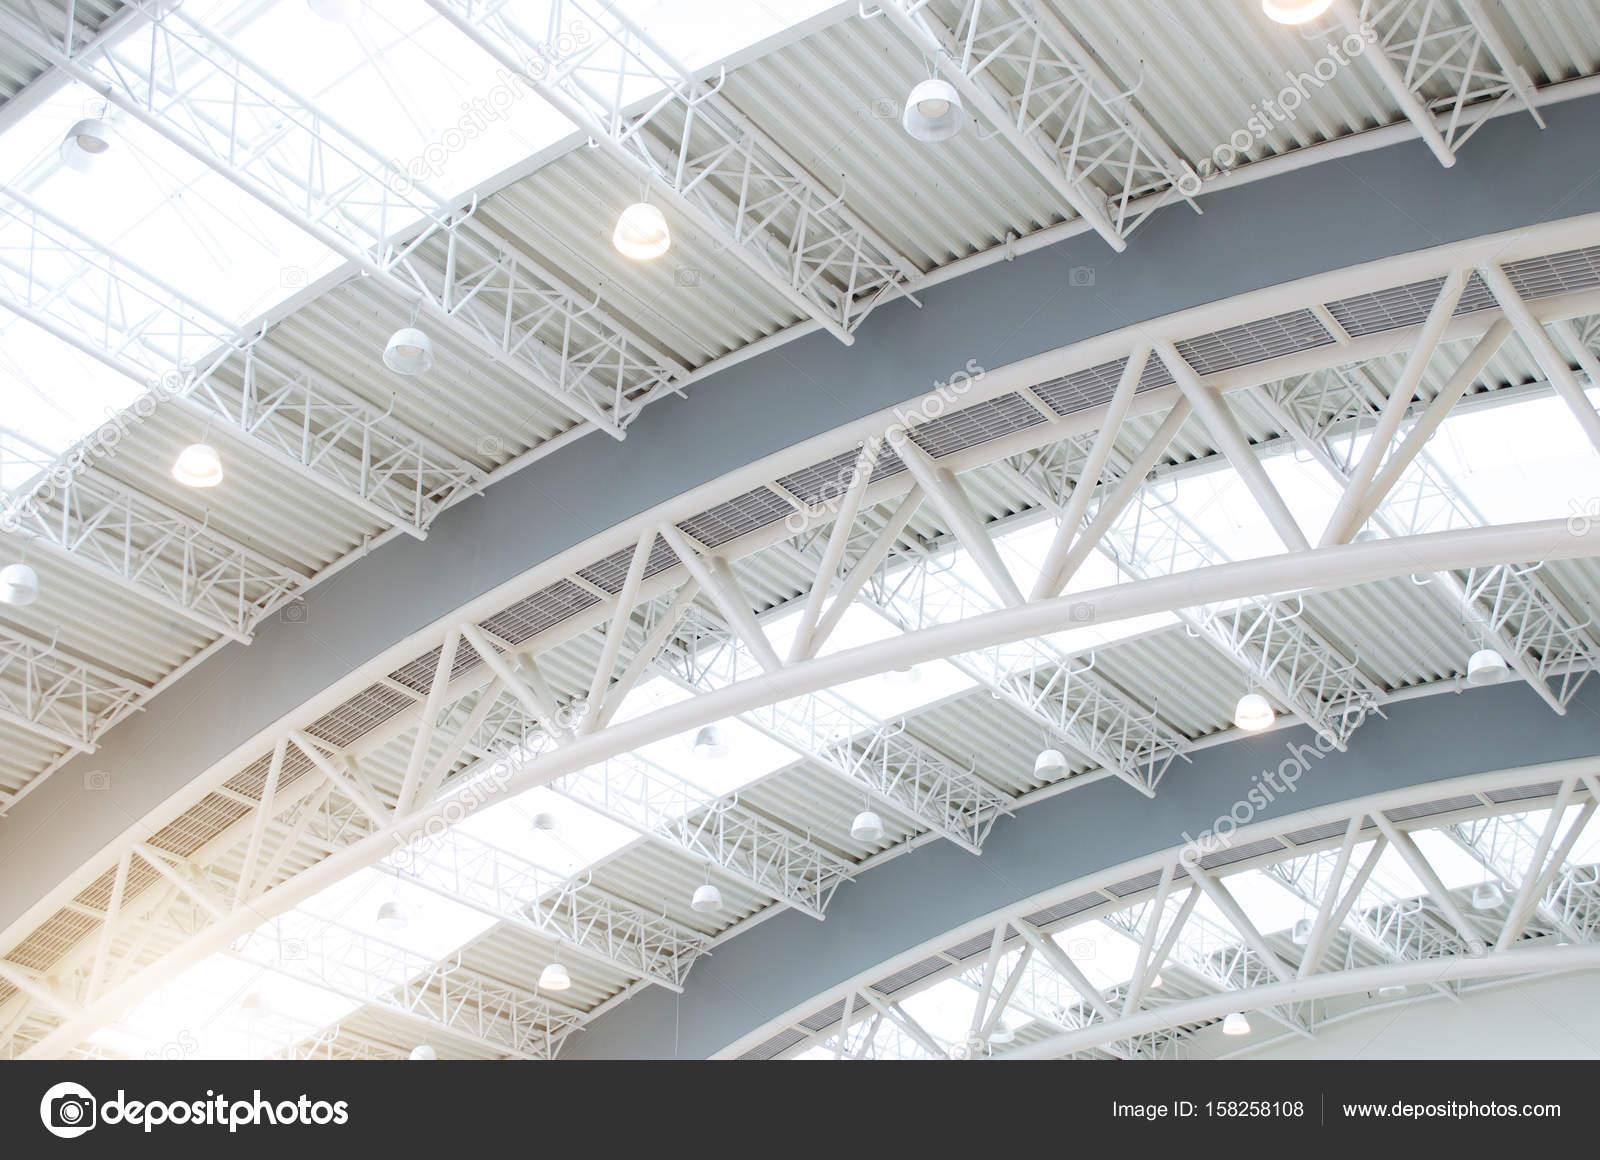 Cubierta metlica interiores estructura de edificio moderno Foto